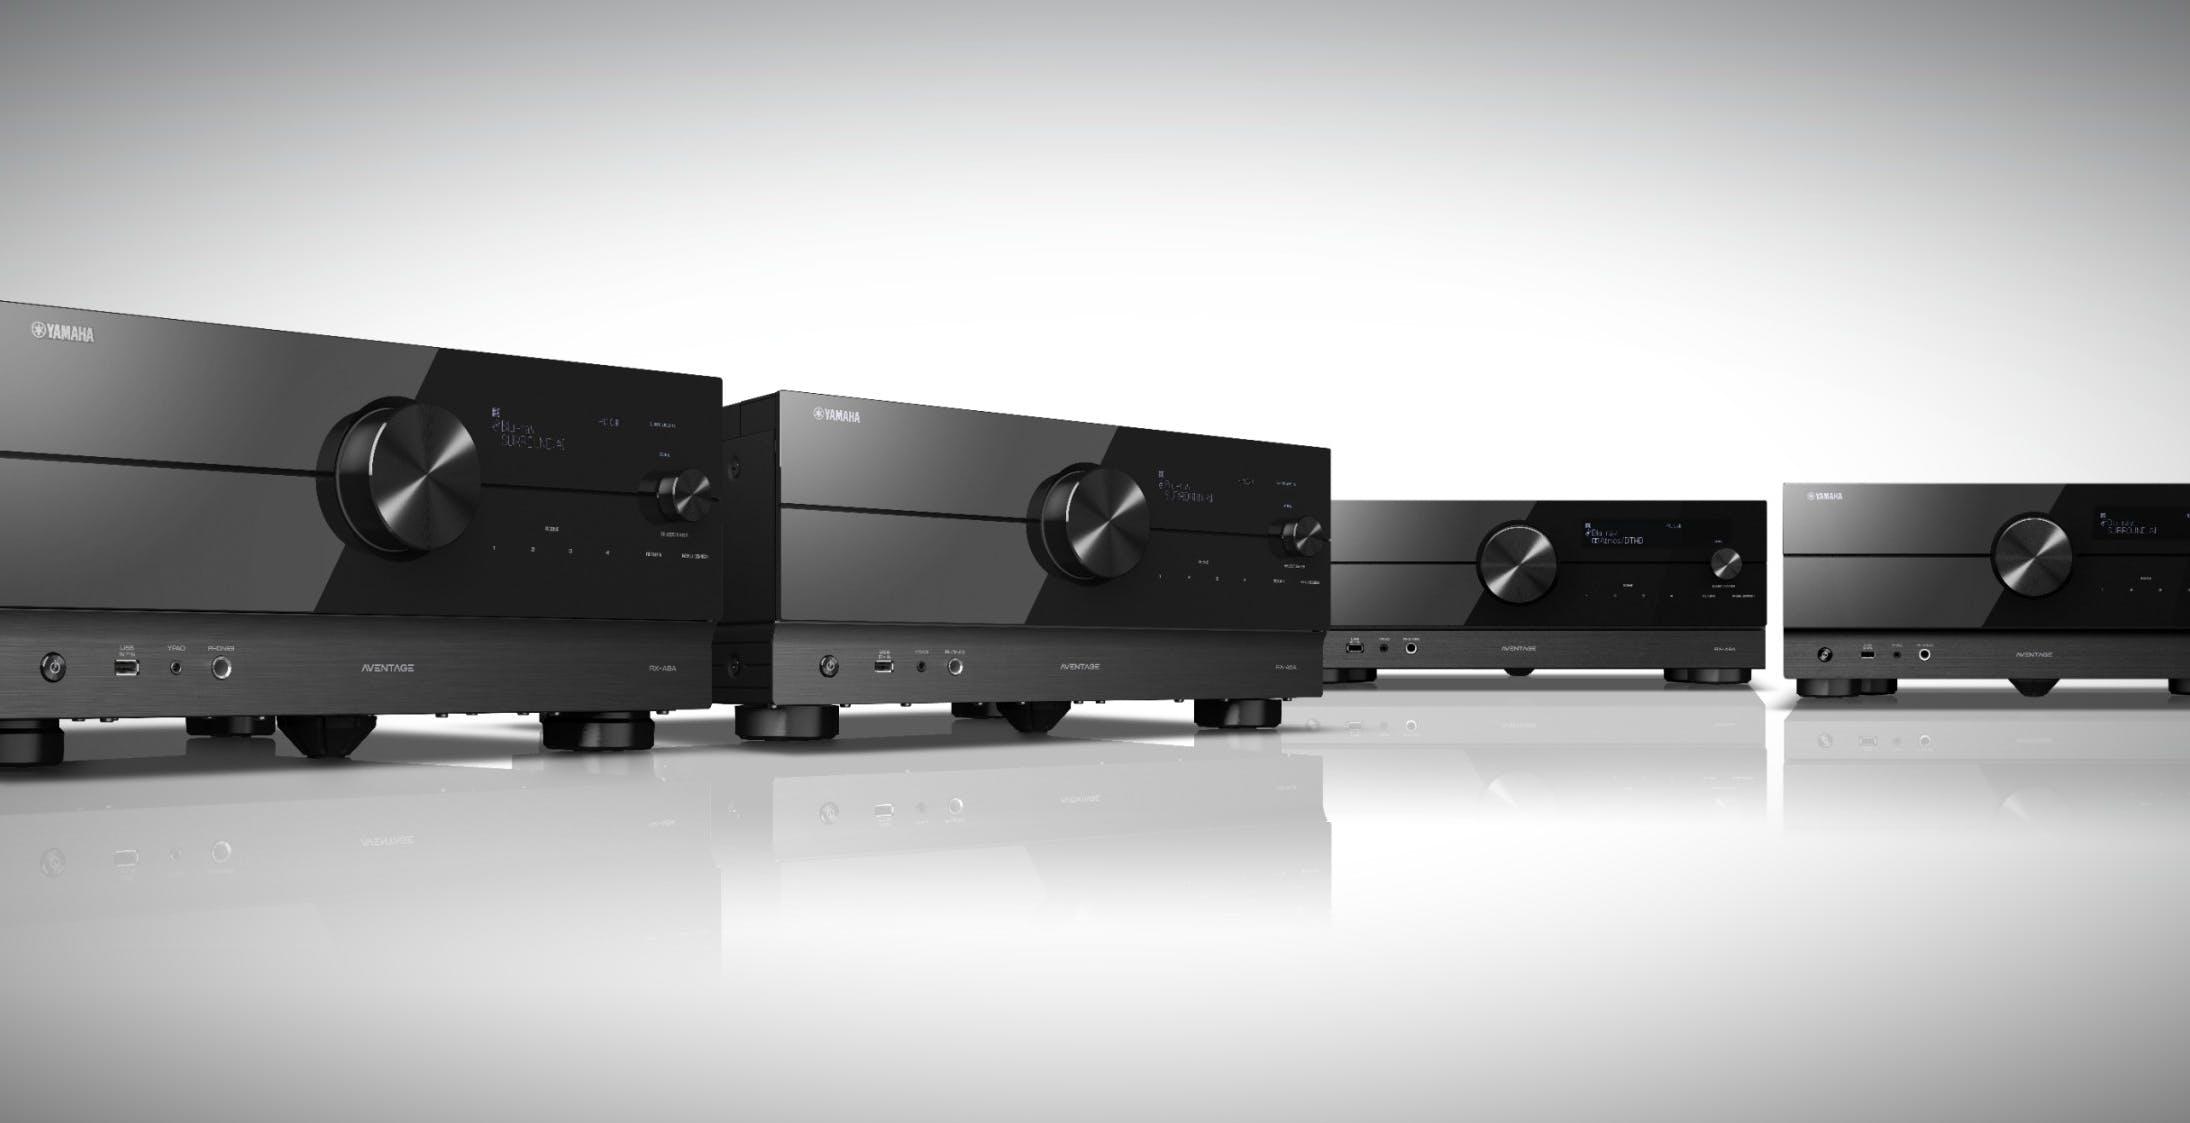 Yamaha crede ancora nell'Home Theater: ecco i nuovi ampli Aventage con HDMI 2.1